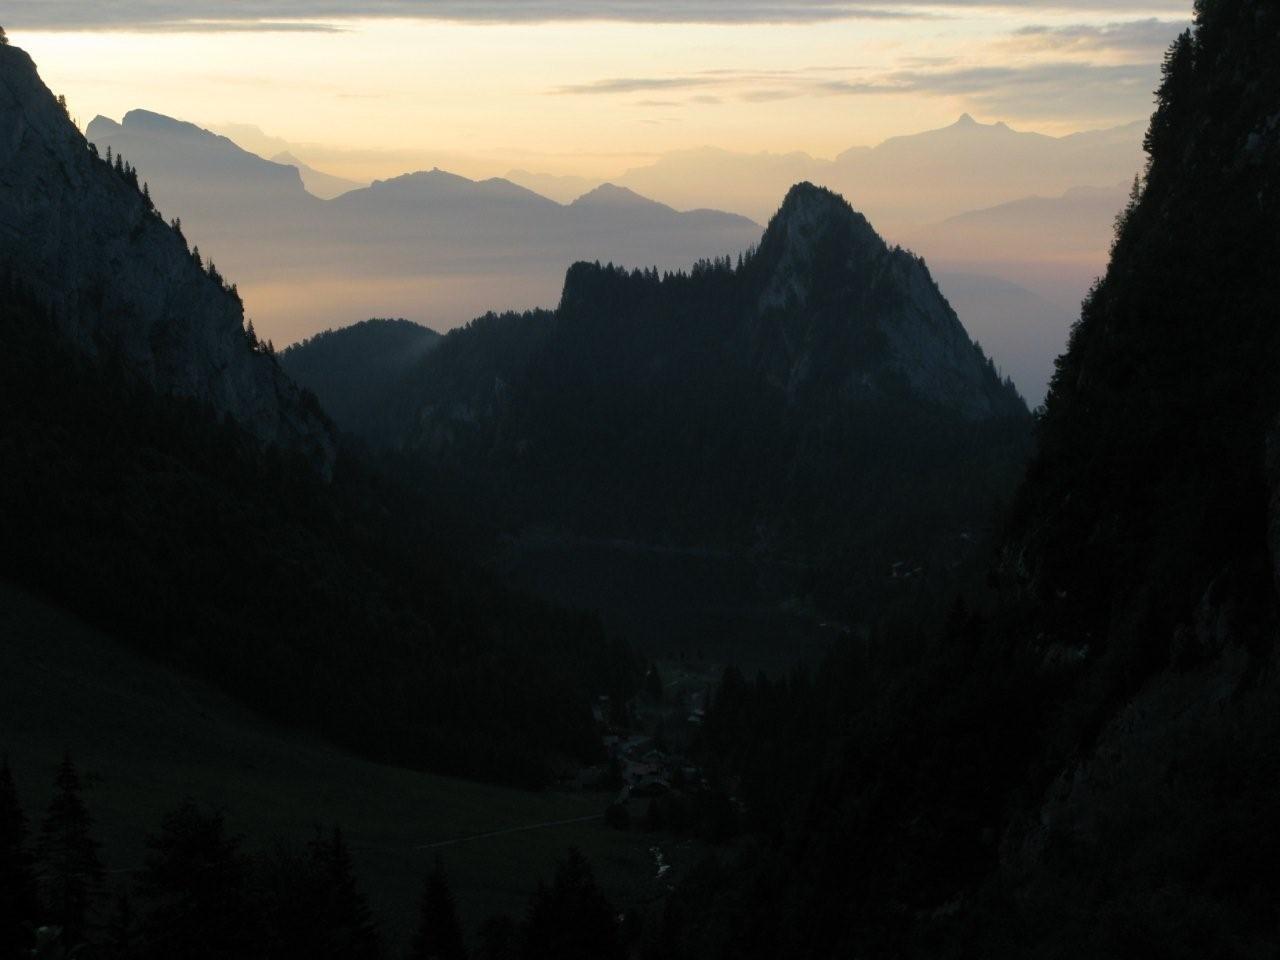 Le vallon de Tanay